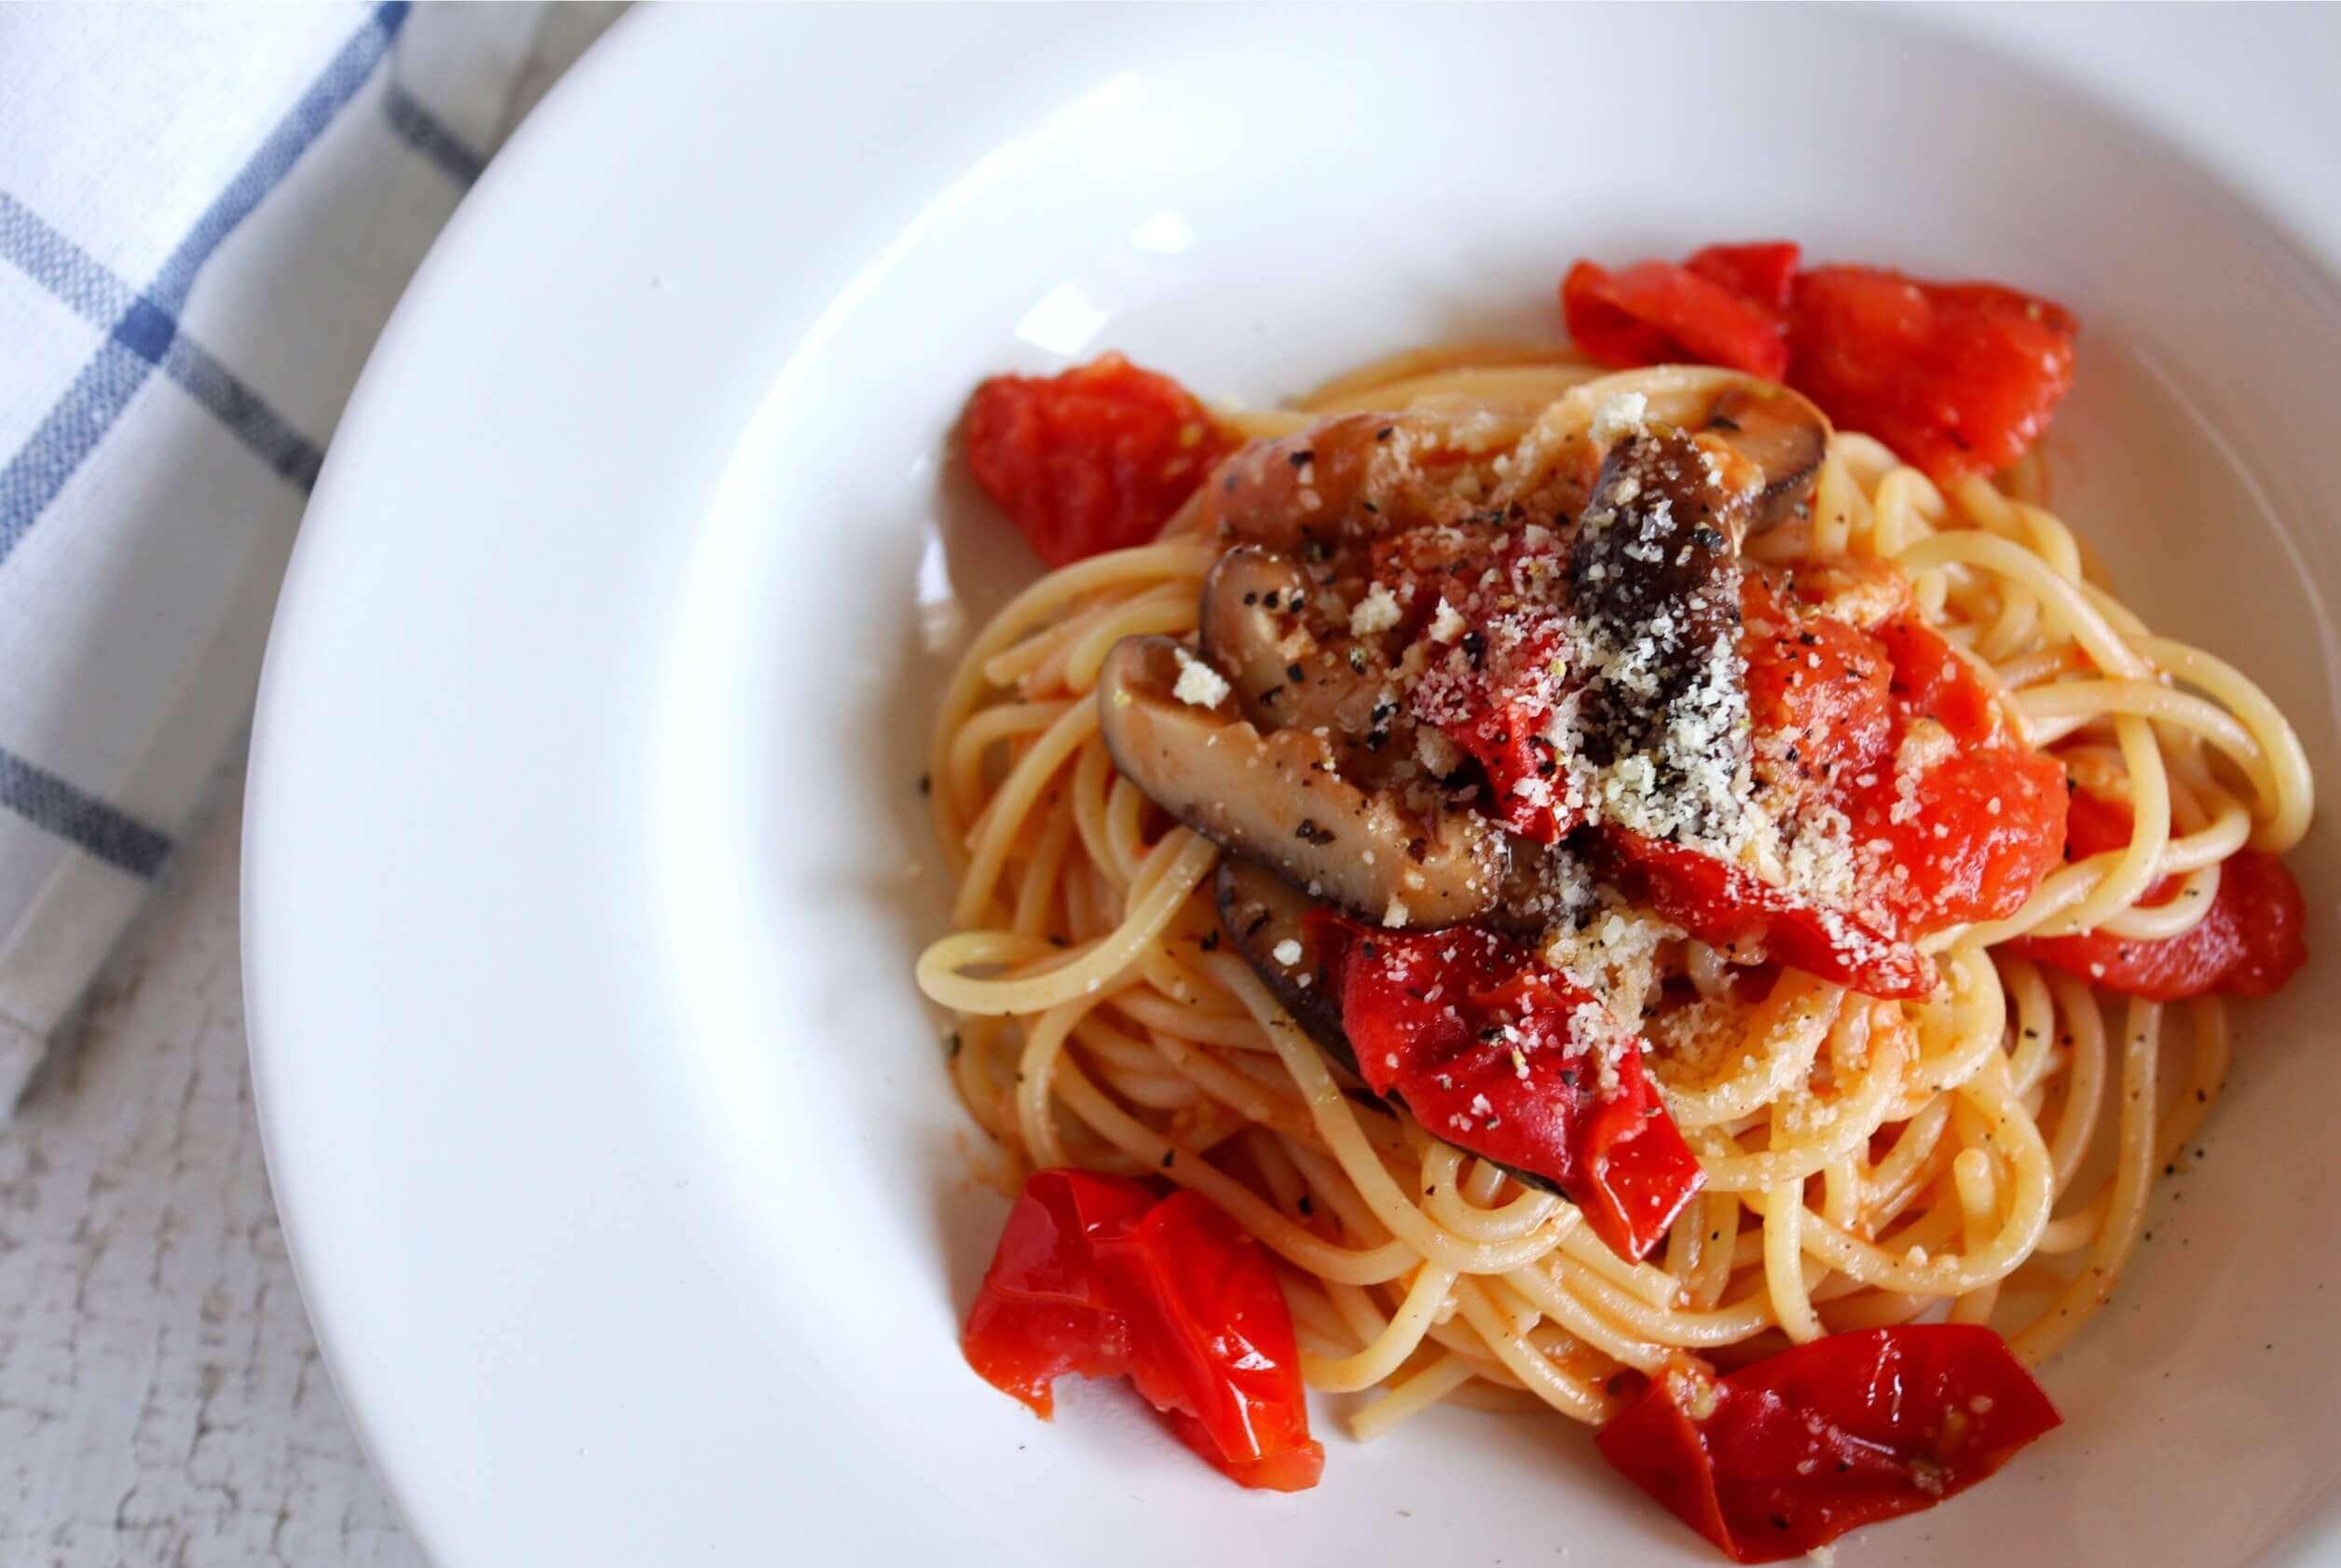 【超簡単!】椎茸とトマトのオイルパスタのレシピ